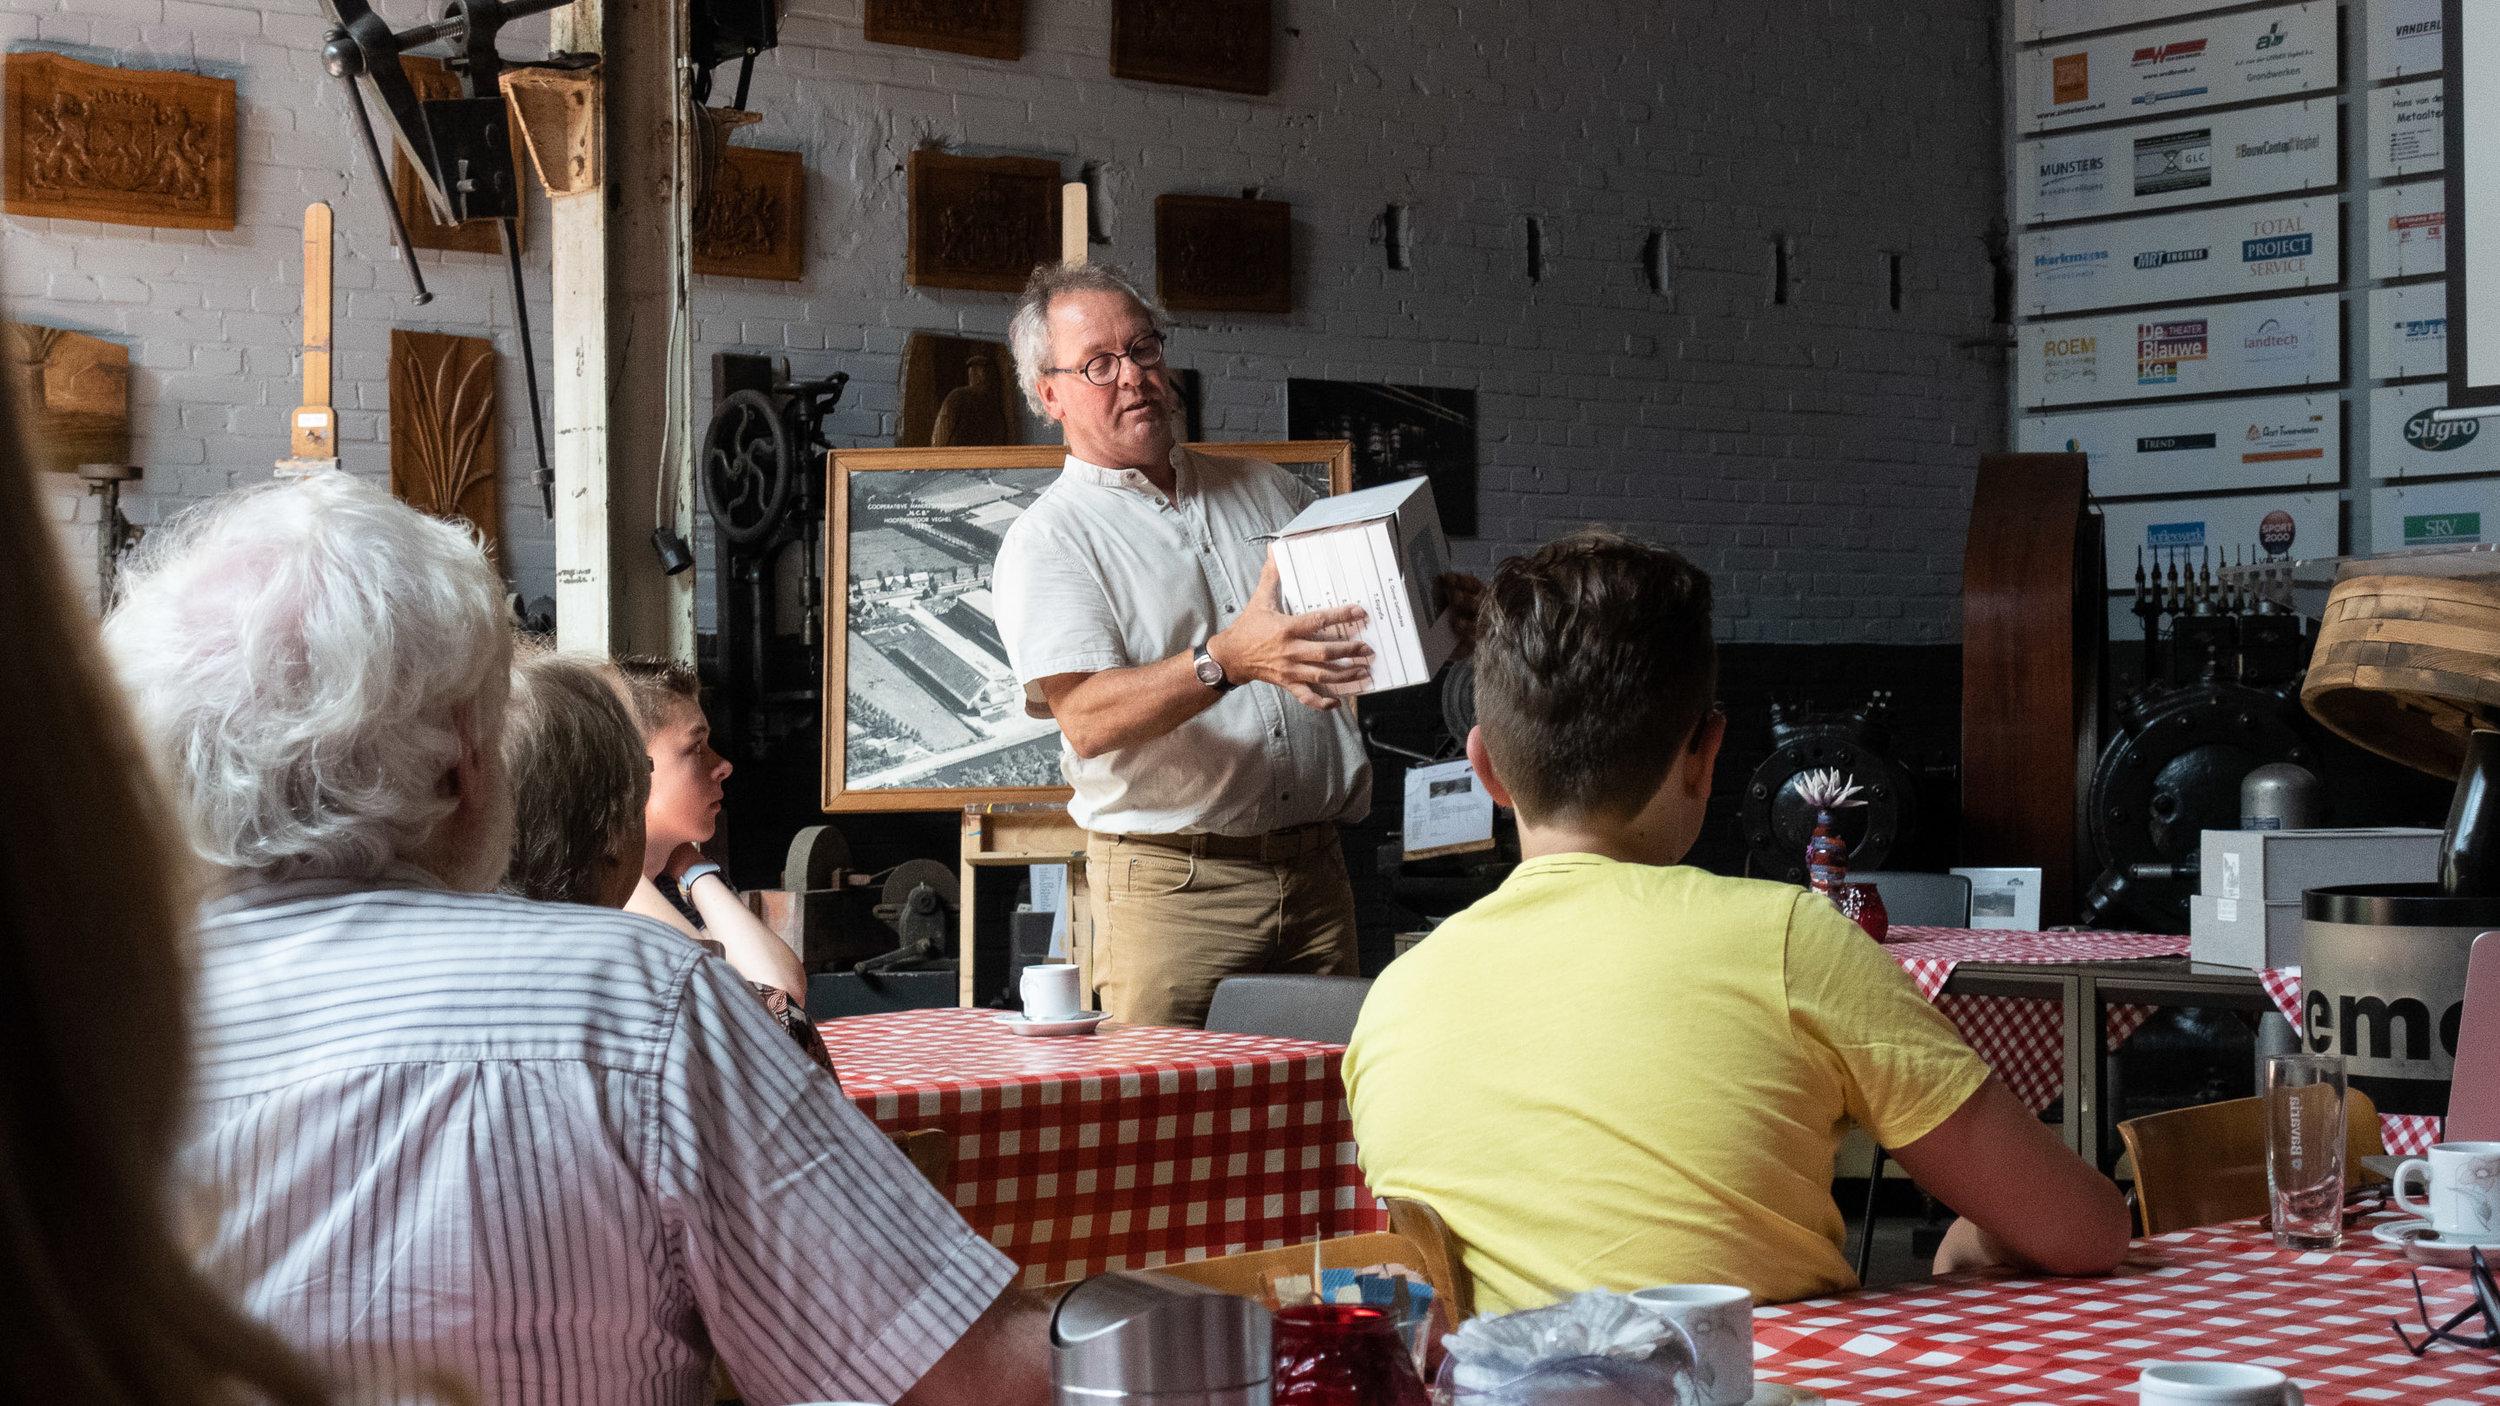 Secretaris Nard Jansen toont het prototype van boekencassette